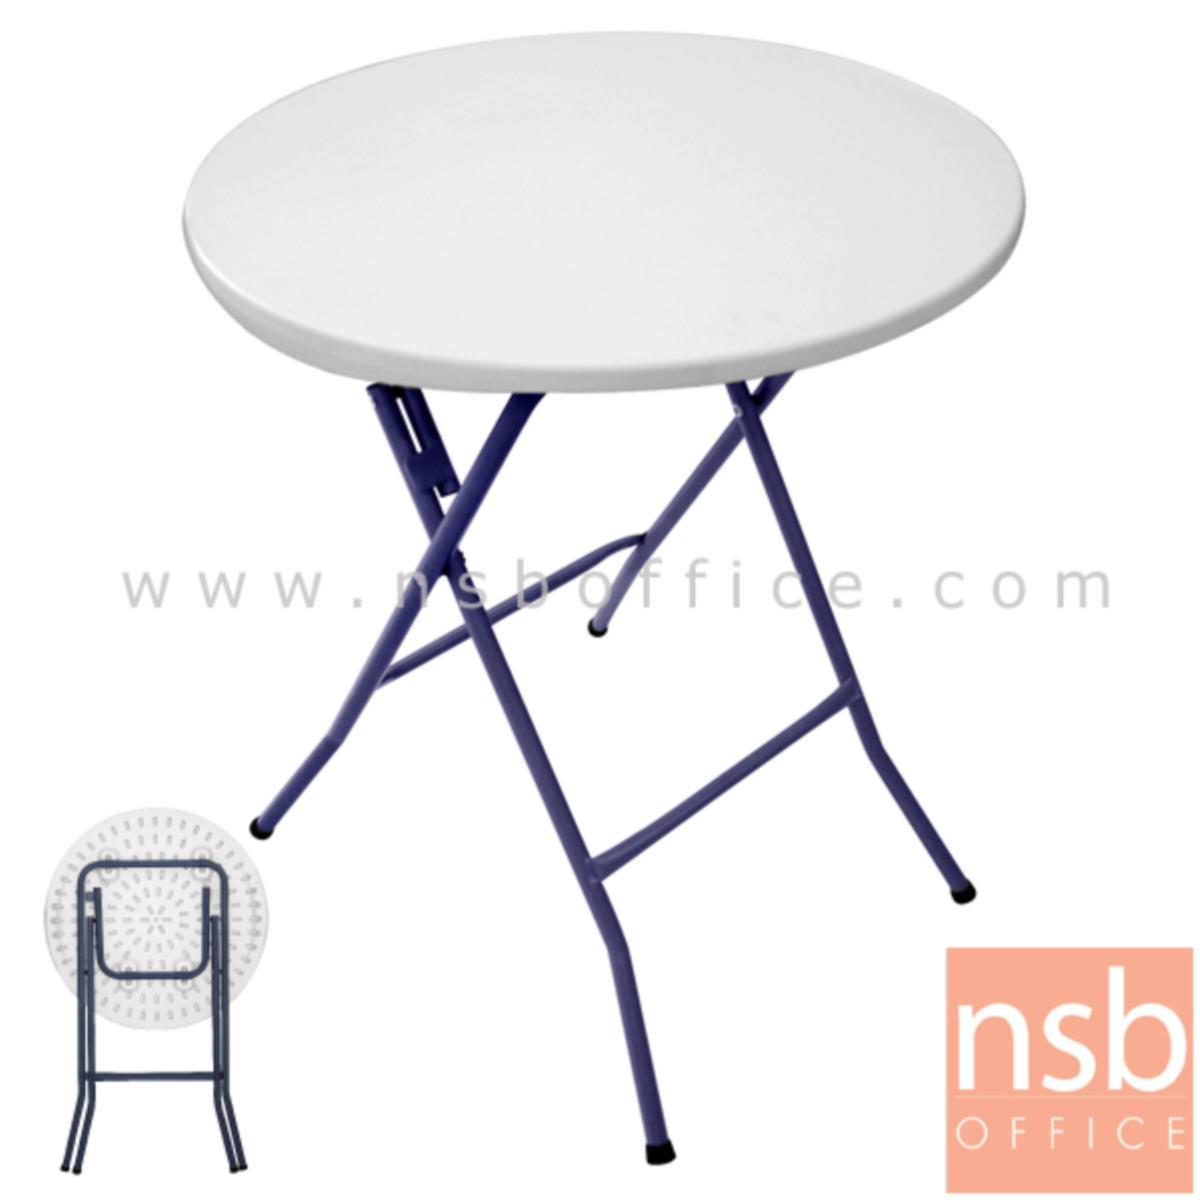 A19A024:โต๊ะพับหน้าพลาสติก รุ่น Bahama (บาฮาม่า) ขนาด 61Di cm.  ขาเตารีดอีพ็อกซีเกล็ดเงิน